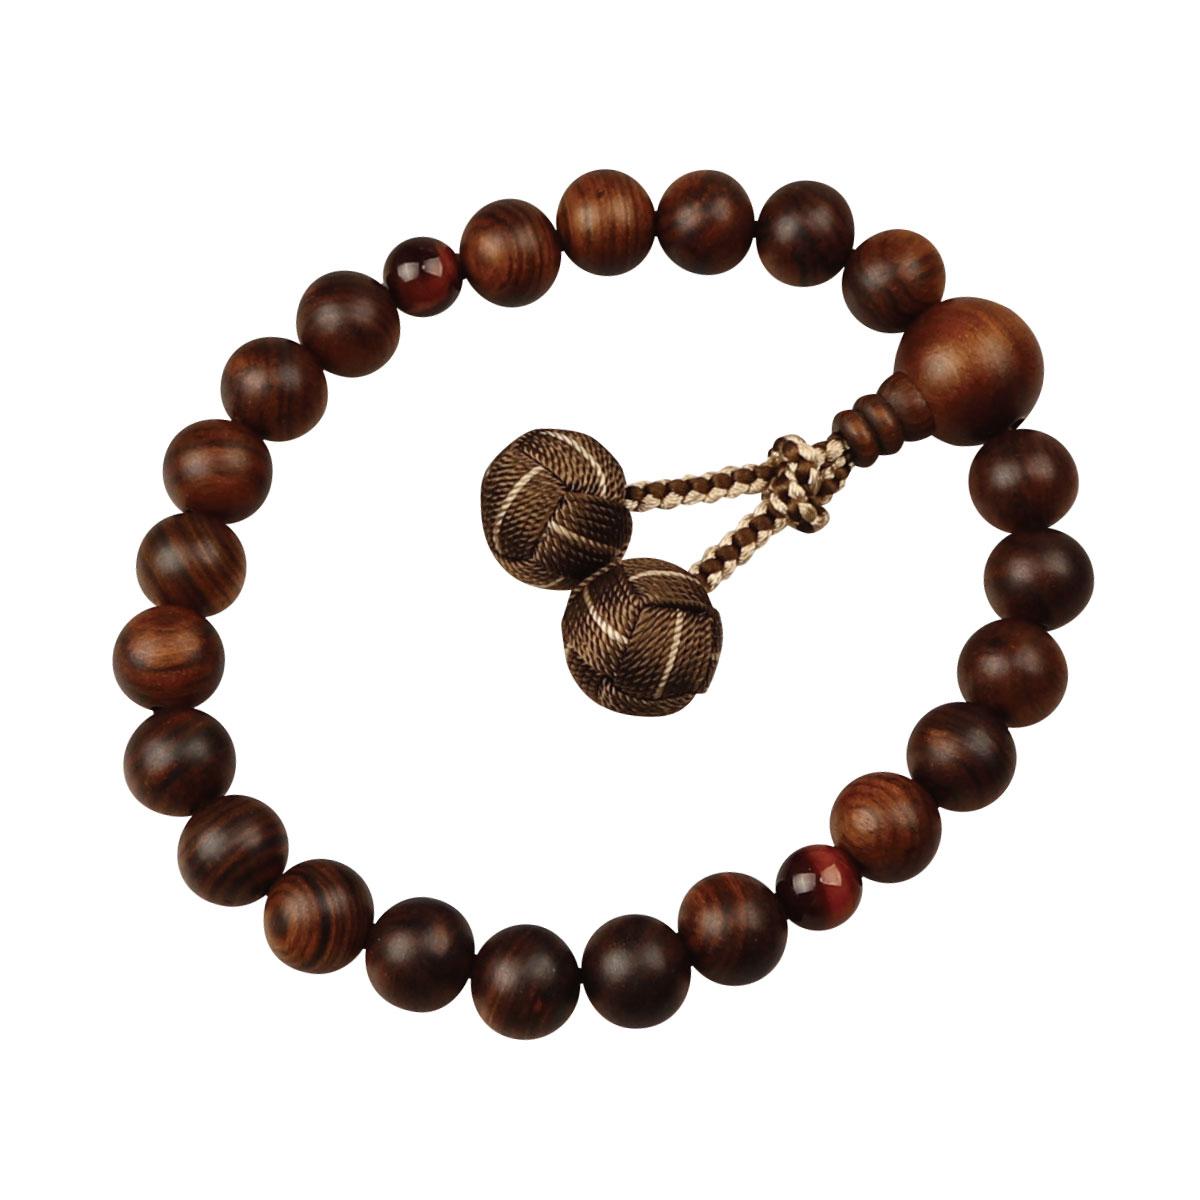 数珠 男性用略式 京念数 全宗派対応 栴檀 赤虎目石仕立 利久梵天房